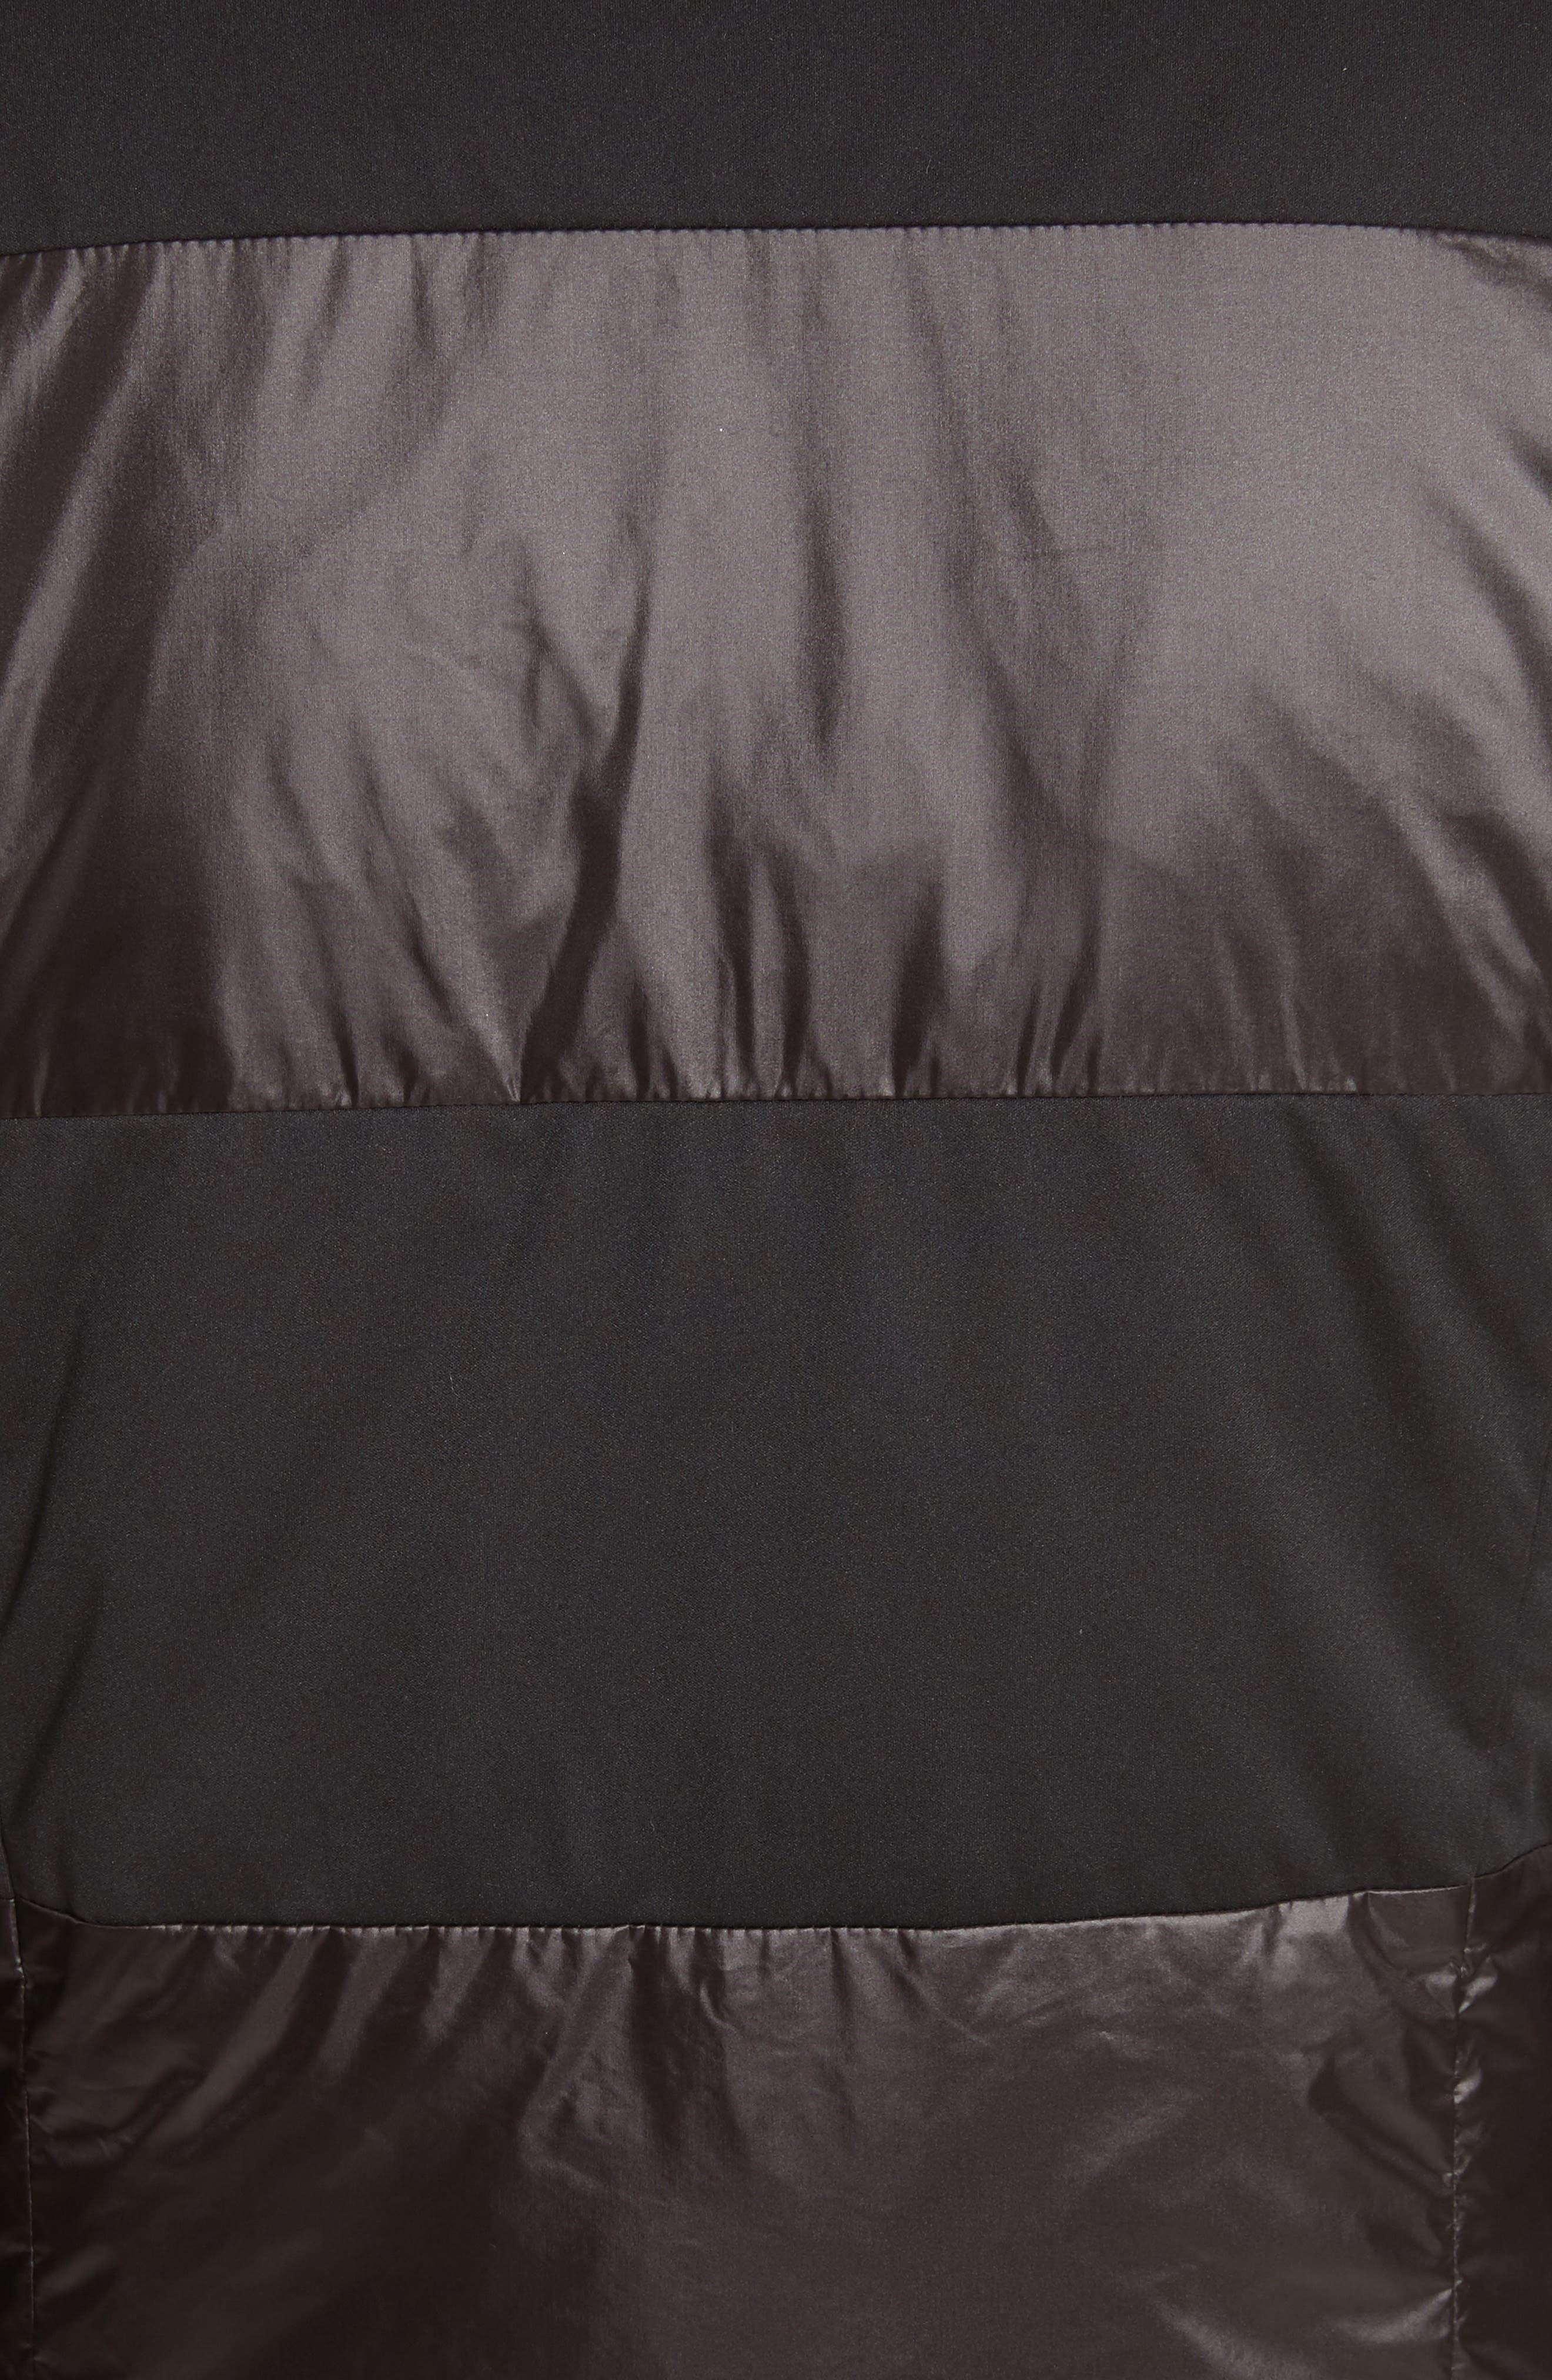 Reversible Dot Print Matte & Shiny Jacket,                             Alternate thumbnail 6, color,                             001